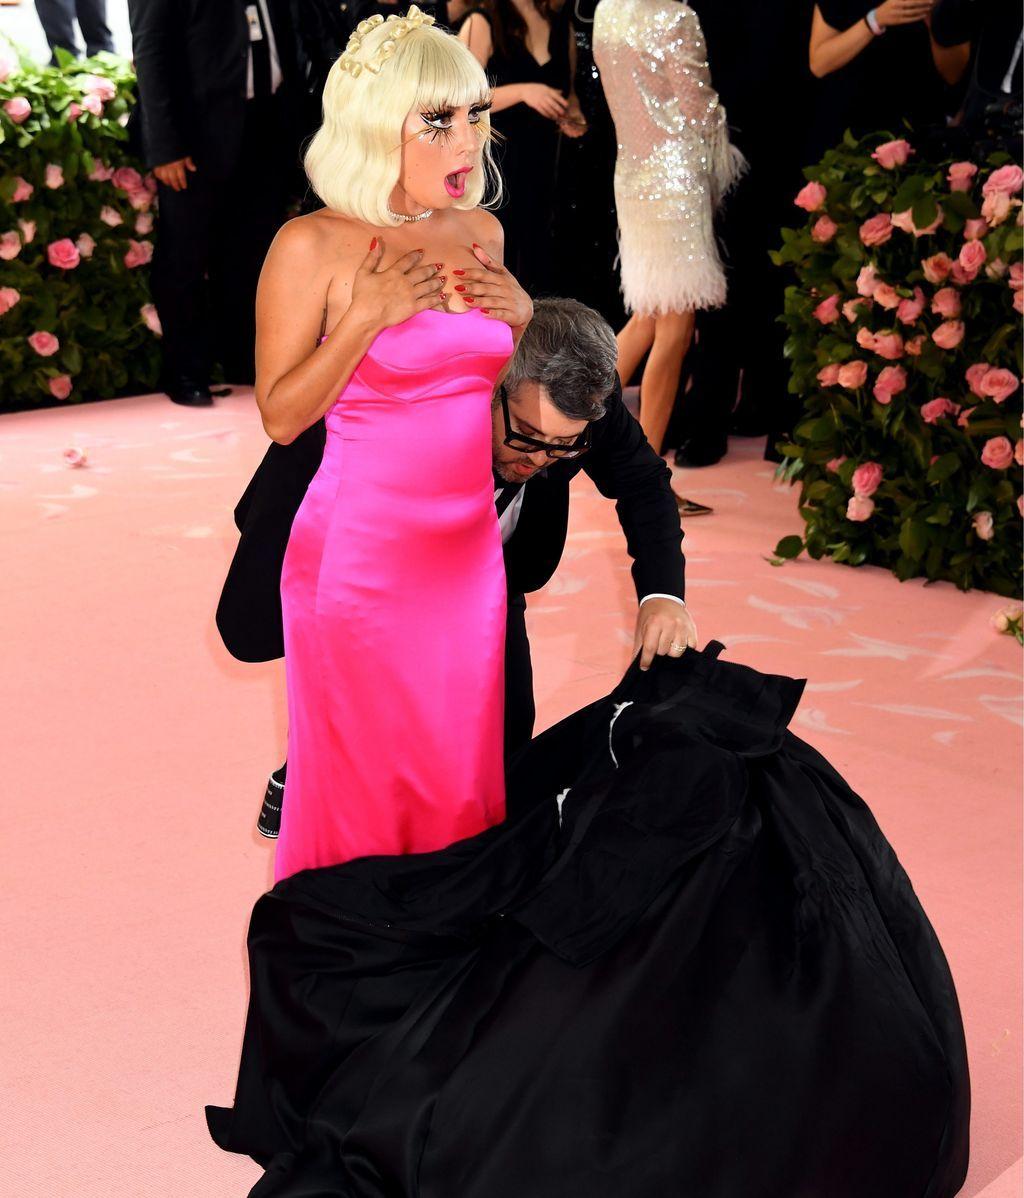 Otra sorpresa debajo del vestido negro